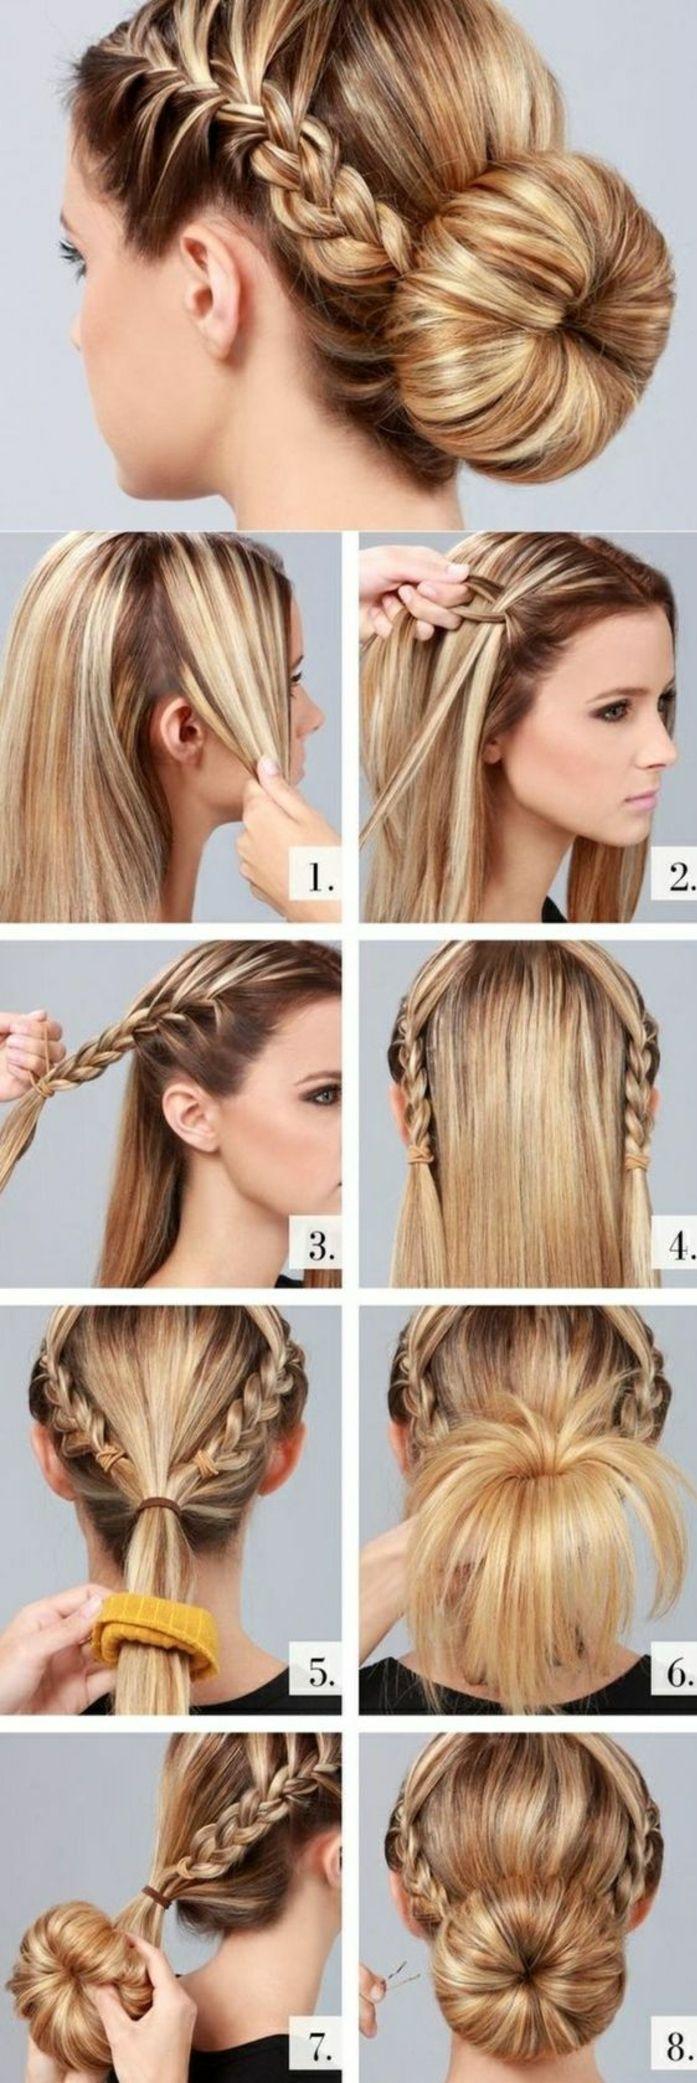 47++ Comment faire une coiffure facile le dernier